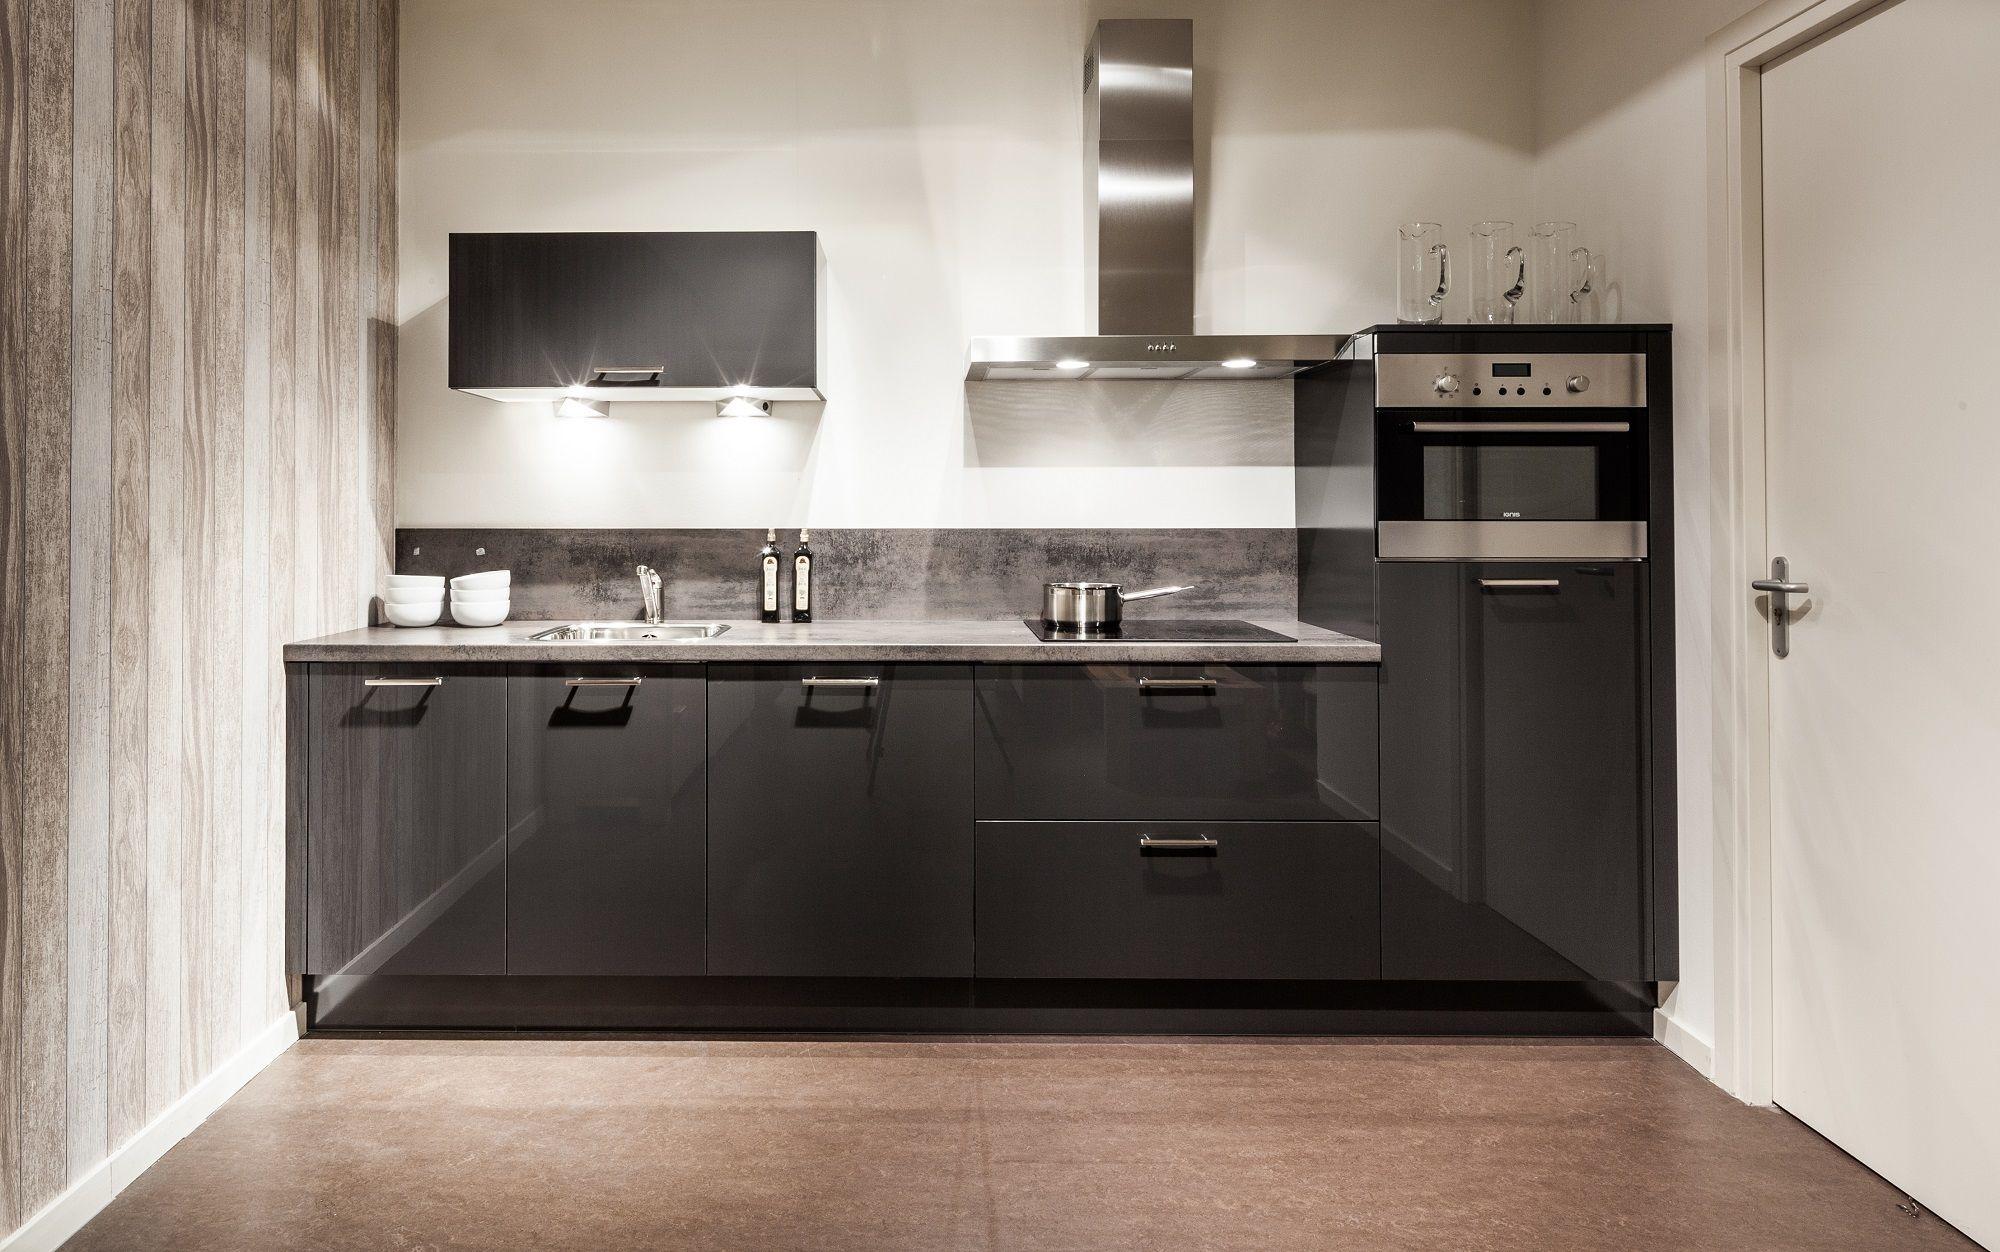 Keukenprijs altijd de beste keukenprijs rechte keuken in stratusgrijs glanzend 56832 - De beste hedendaagse keukens ...